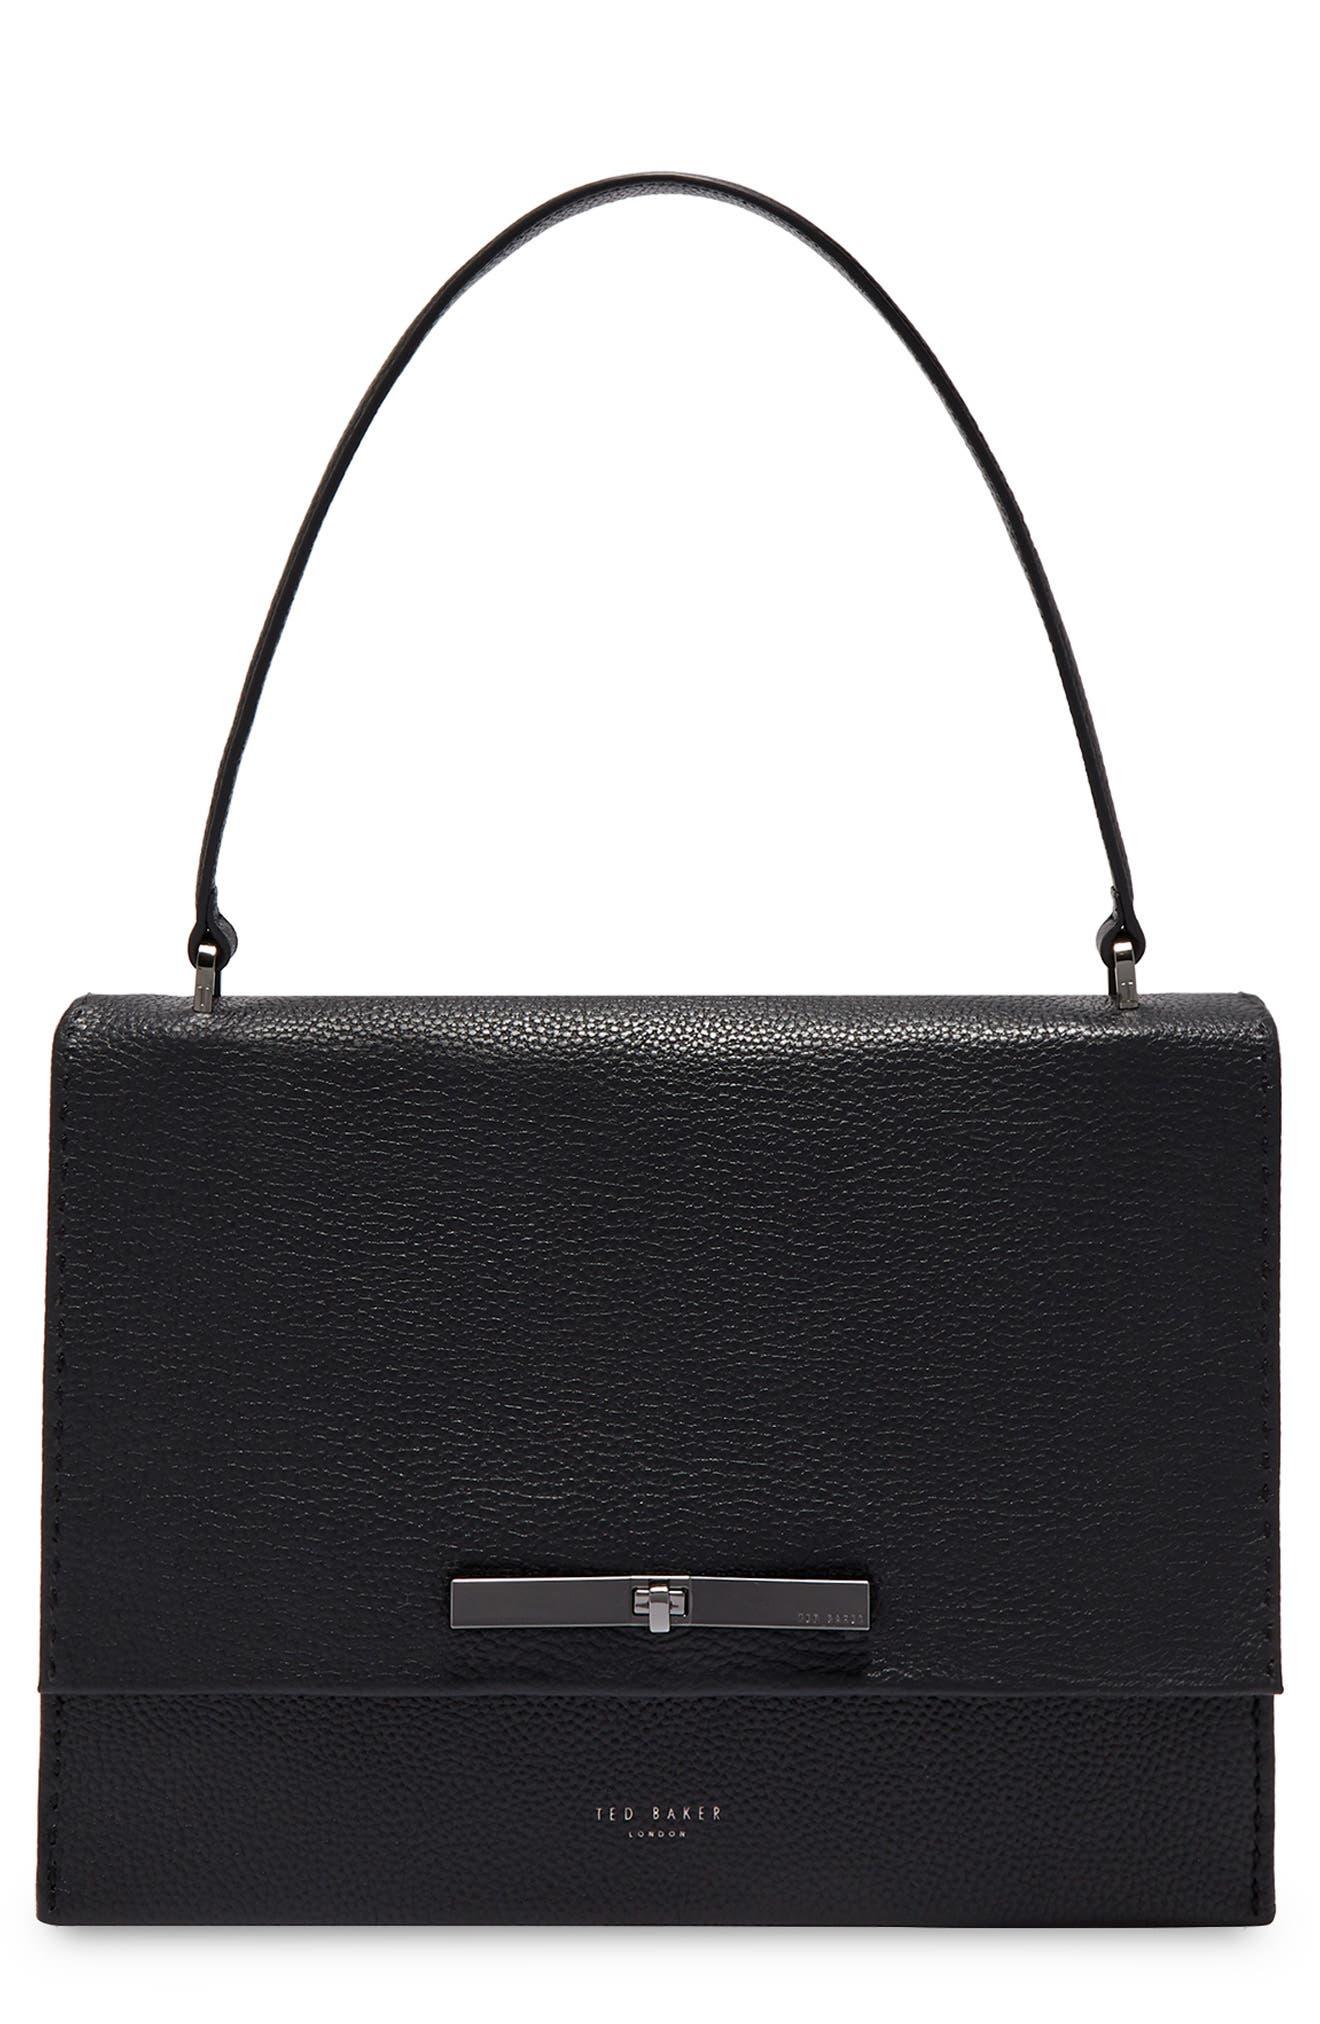 Jessi Leather Shoulder Bag,                         Main,                         color, BLACK